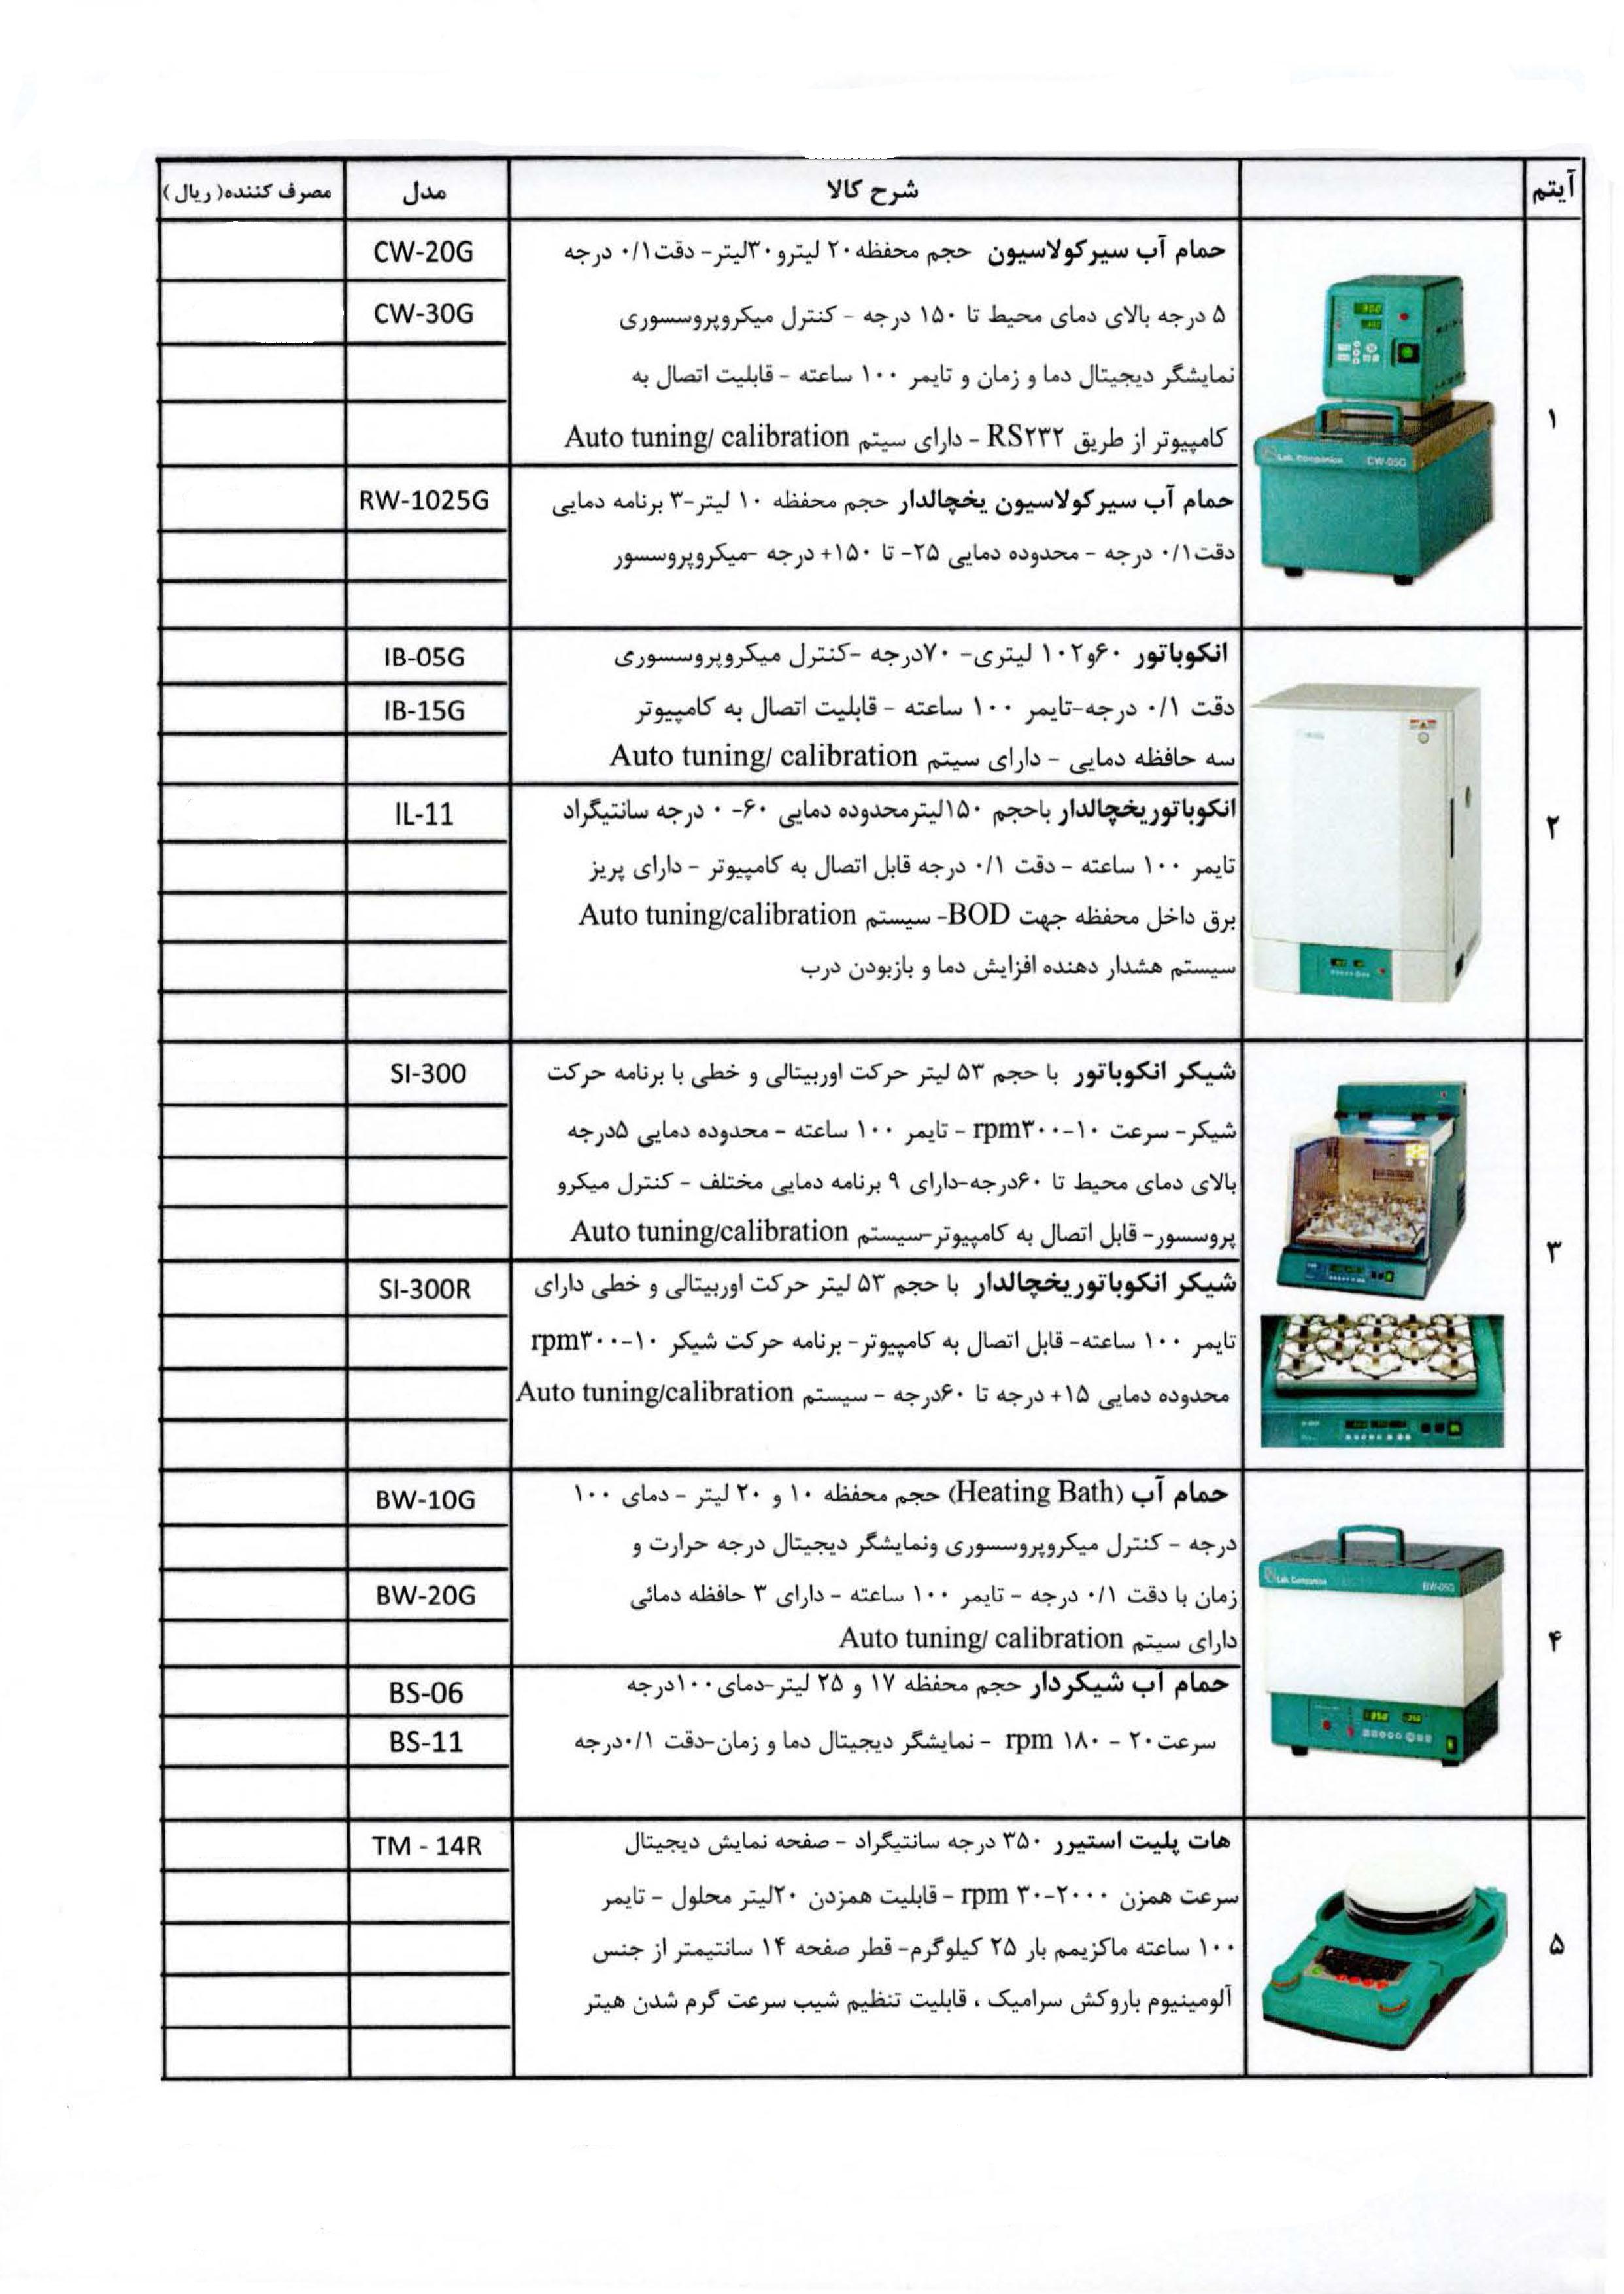 لیست تجهیزات موجود-1